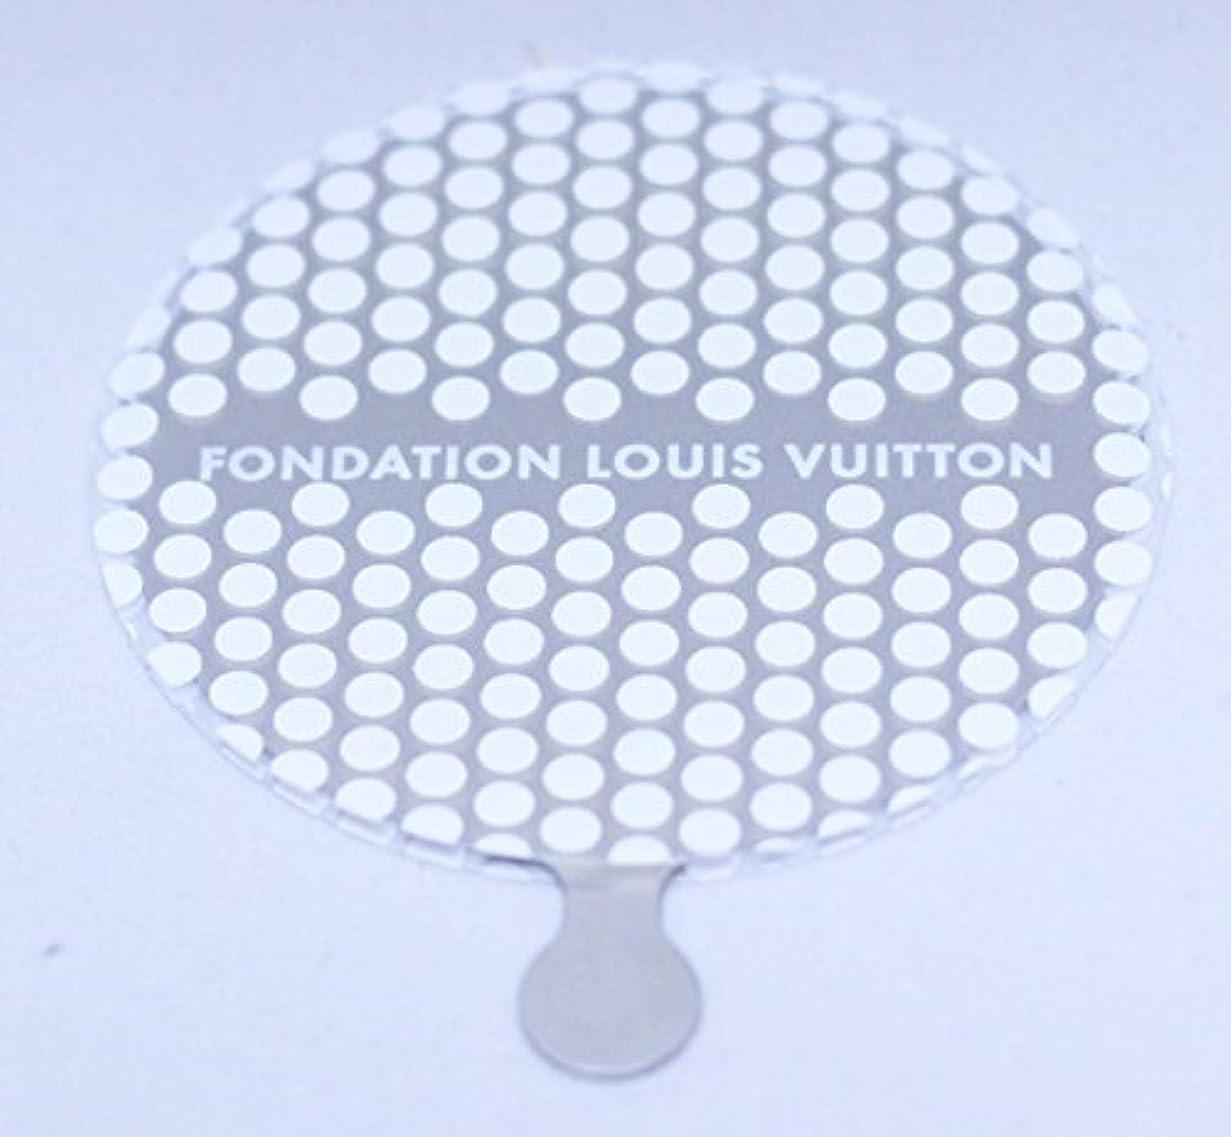 欲望によるとパースブラックボロウルイヴィトン財団 美術館 限定 FONDATION LOUIS VUITTON ハンドミラー [並行輸入品]